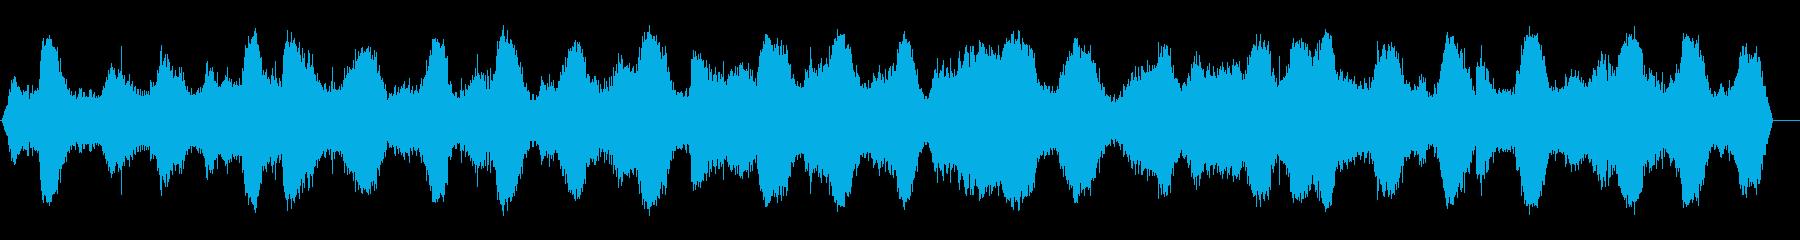 波-大-小石のビーチ-閉じるの再生済みの波形